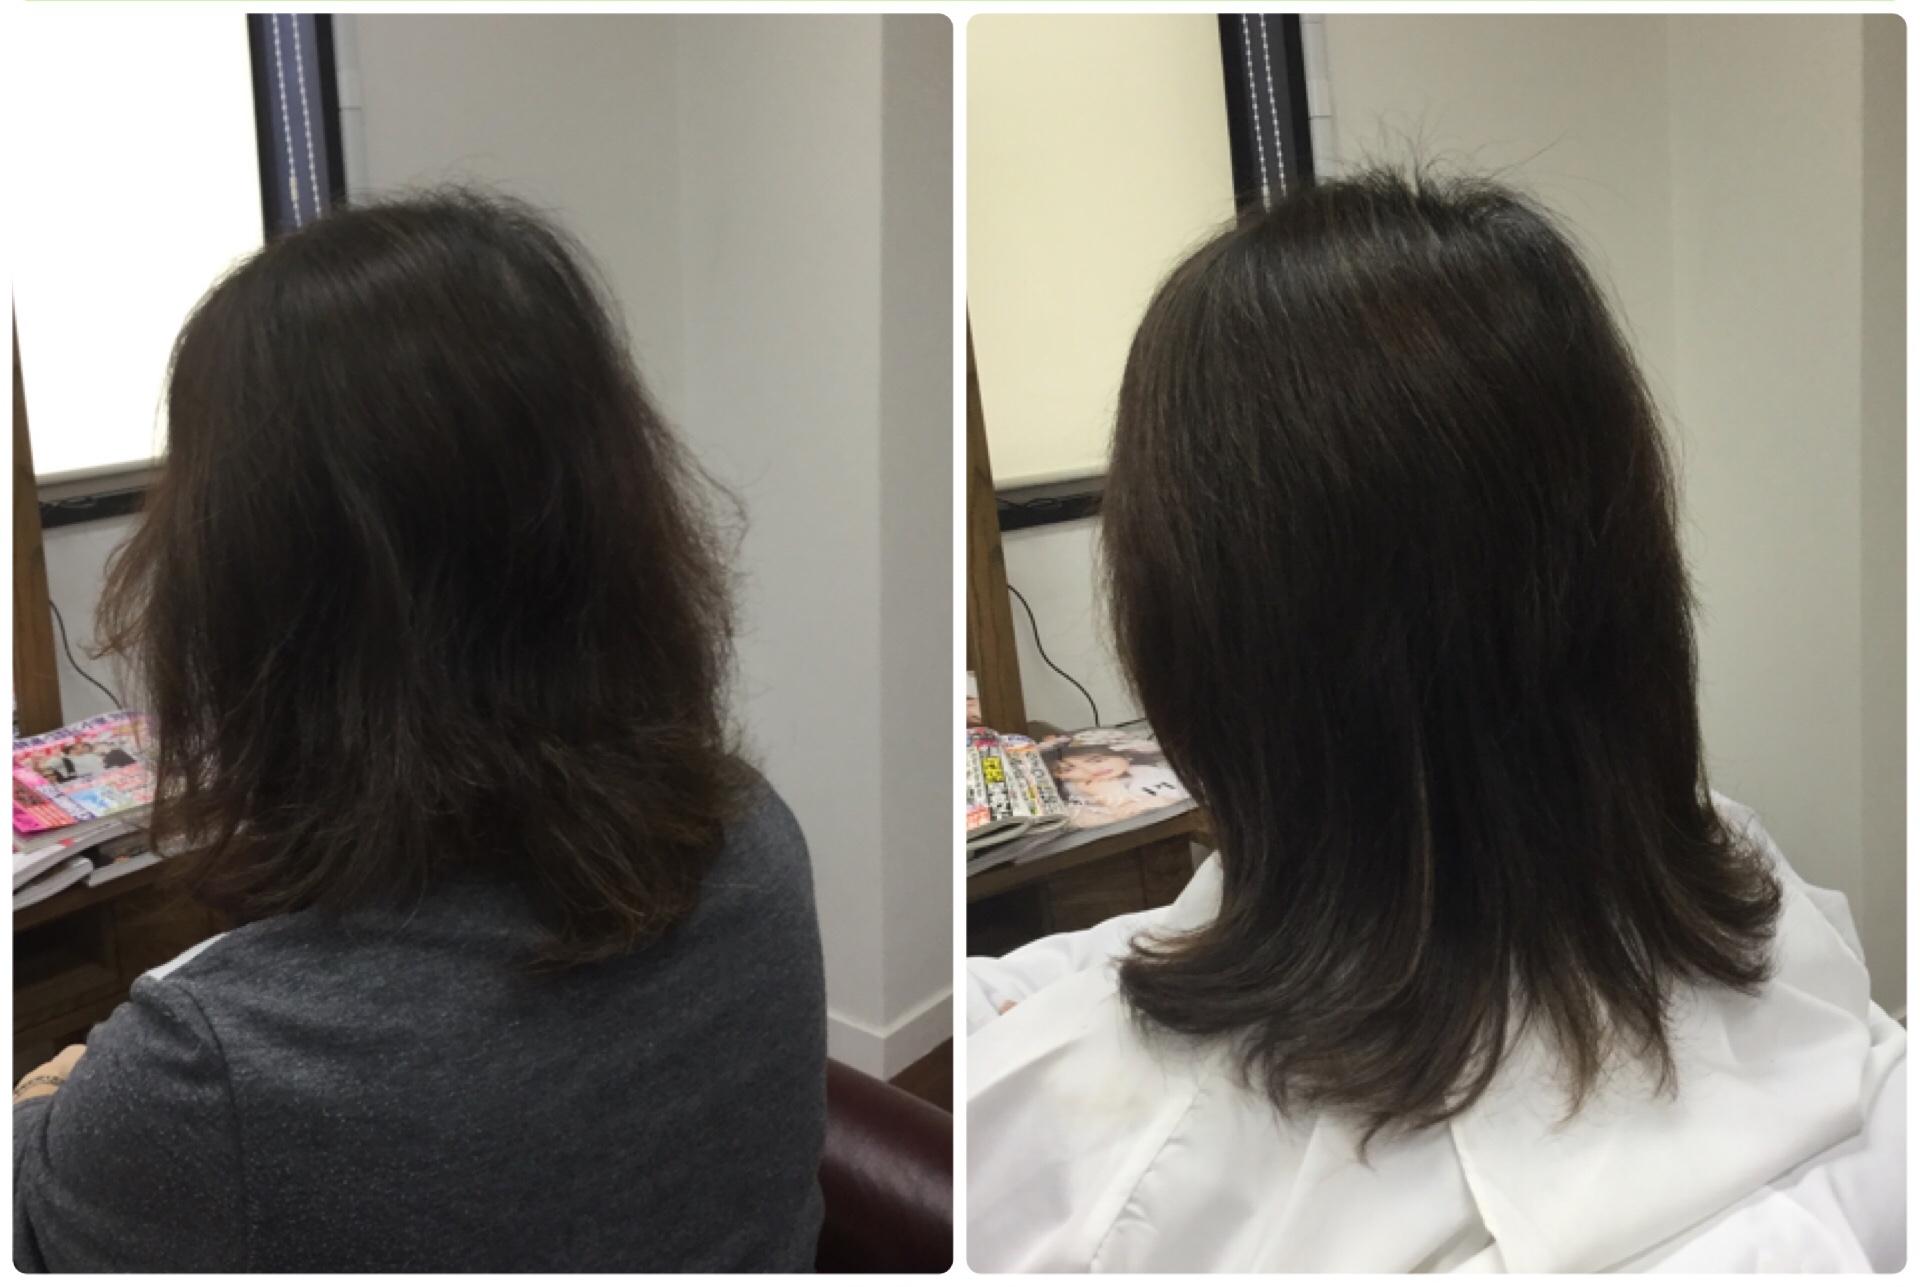 細毛薄毛つむじの割れに天然100%ヘナとキュビズムカットの神戸くせ毛専門美容室